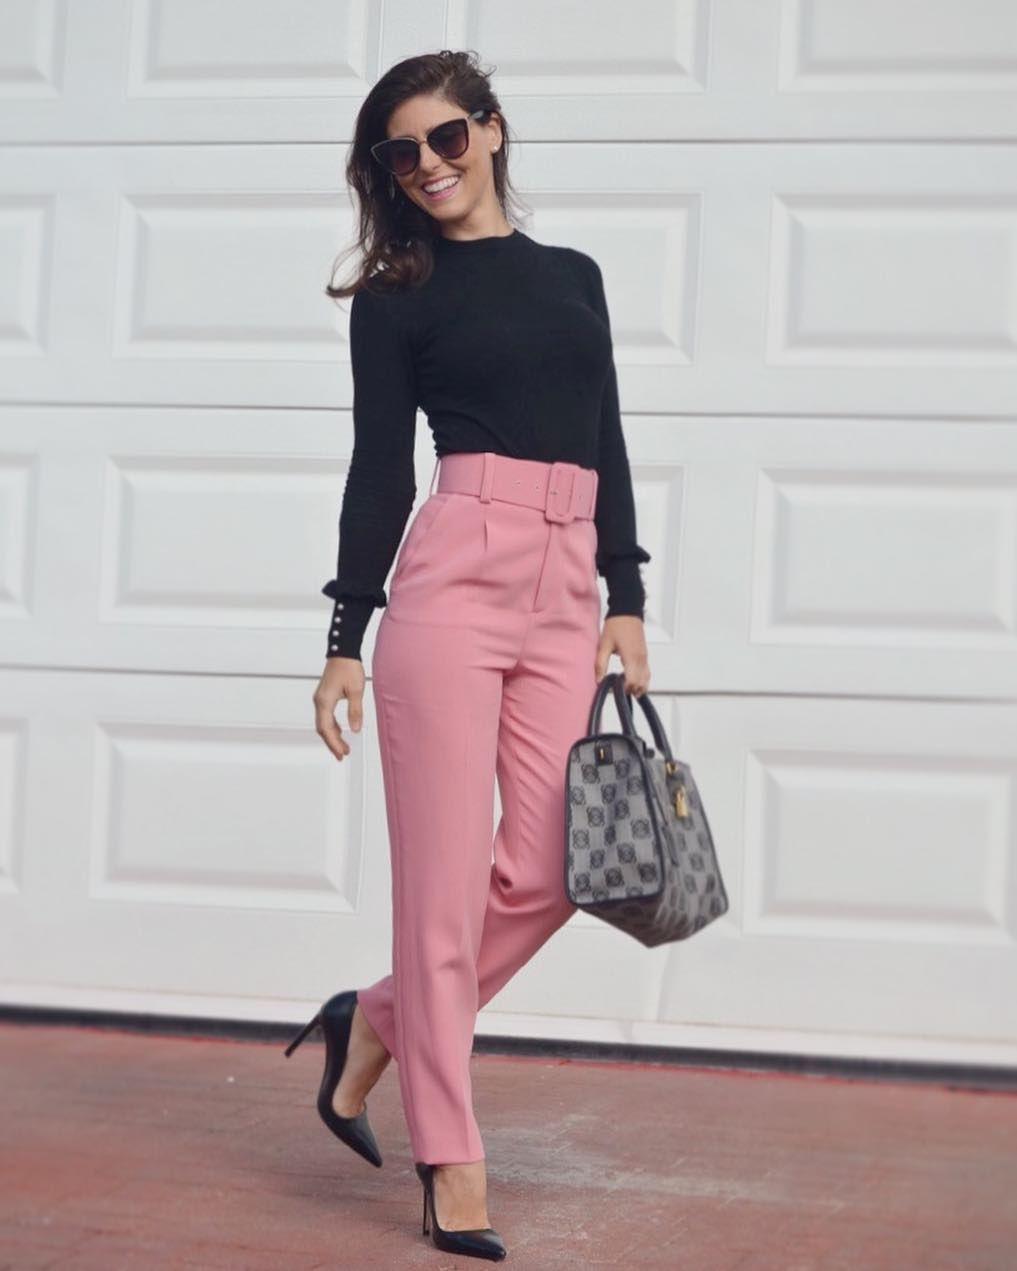 Estos Son Los Pantalones De Zara Que Estan Arrasando En Instagram Pantalones De Moda Mujer Pantalones De Moda Pantalones De Vestir Mujer